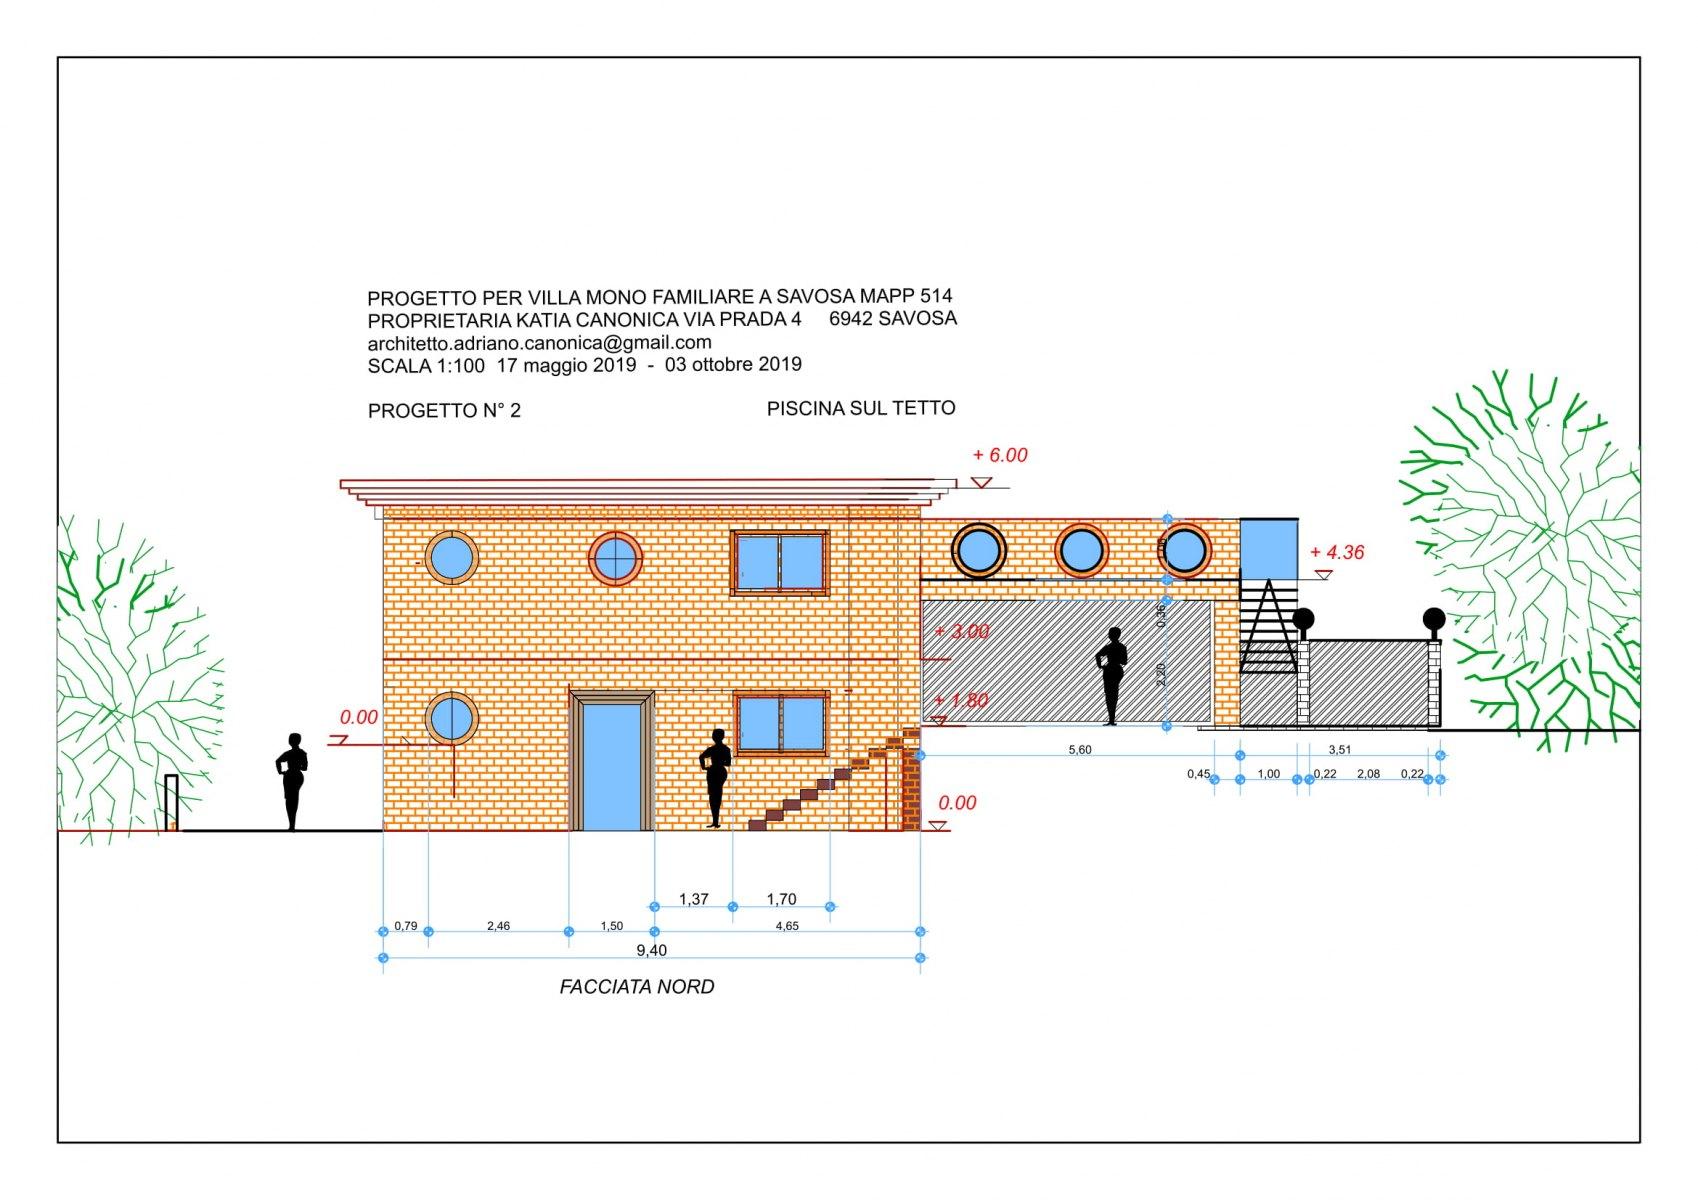 piscina-sul-tetto-facciata-nord-1-100-1